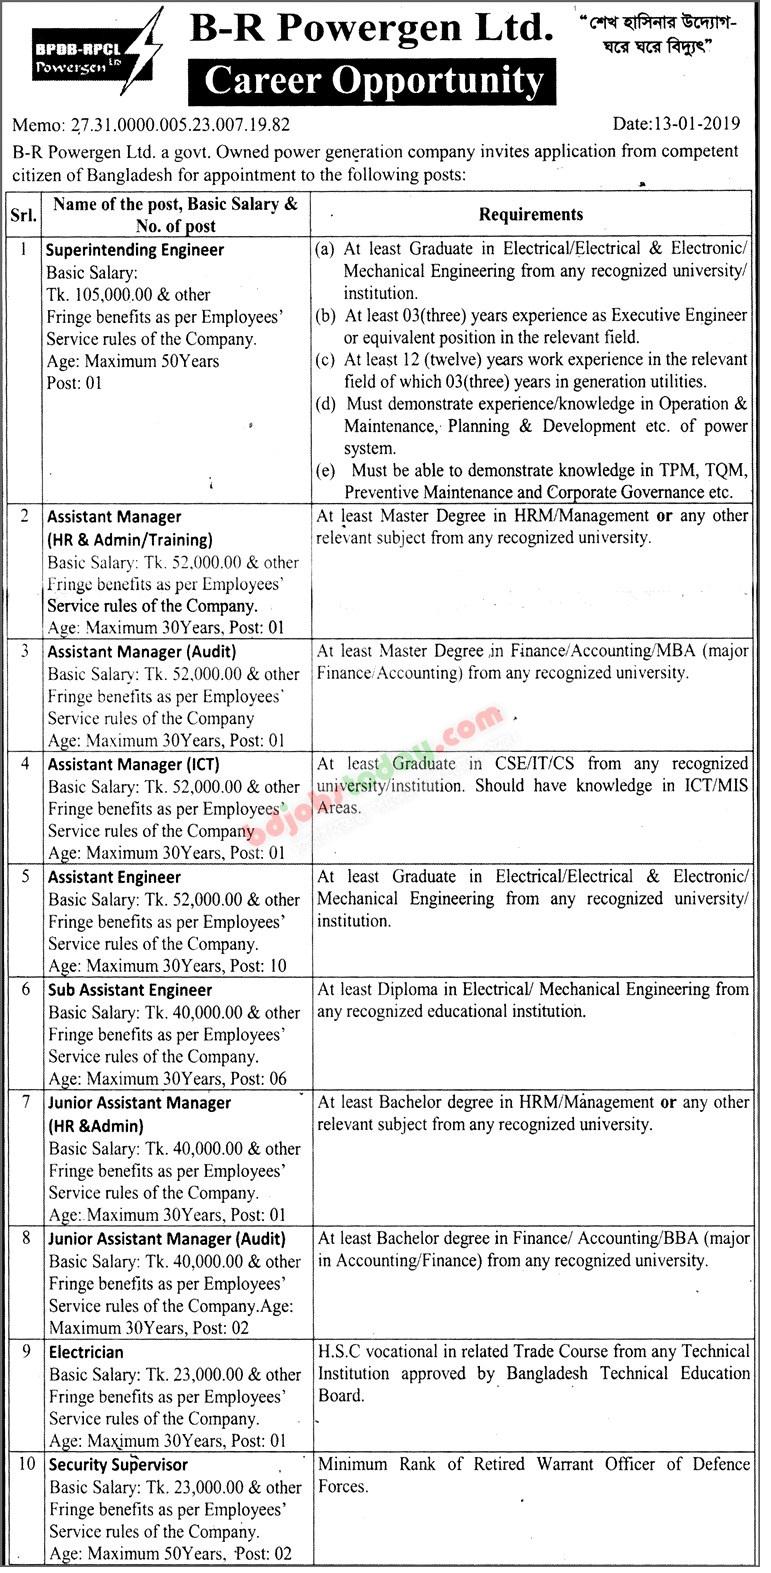 B-R Powergen Ltd Job Circular 2019